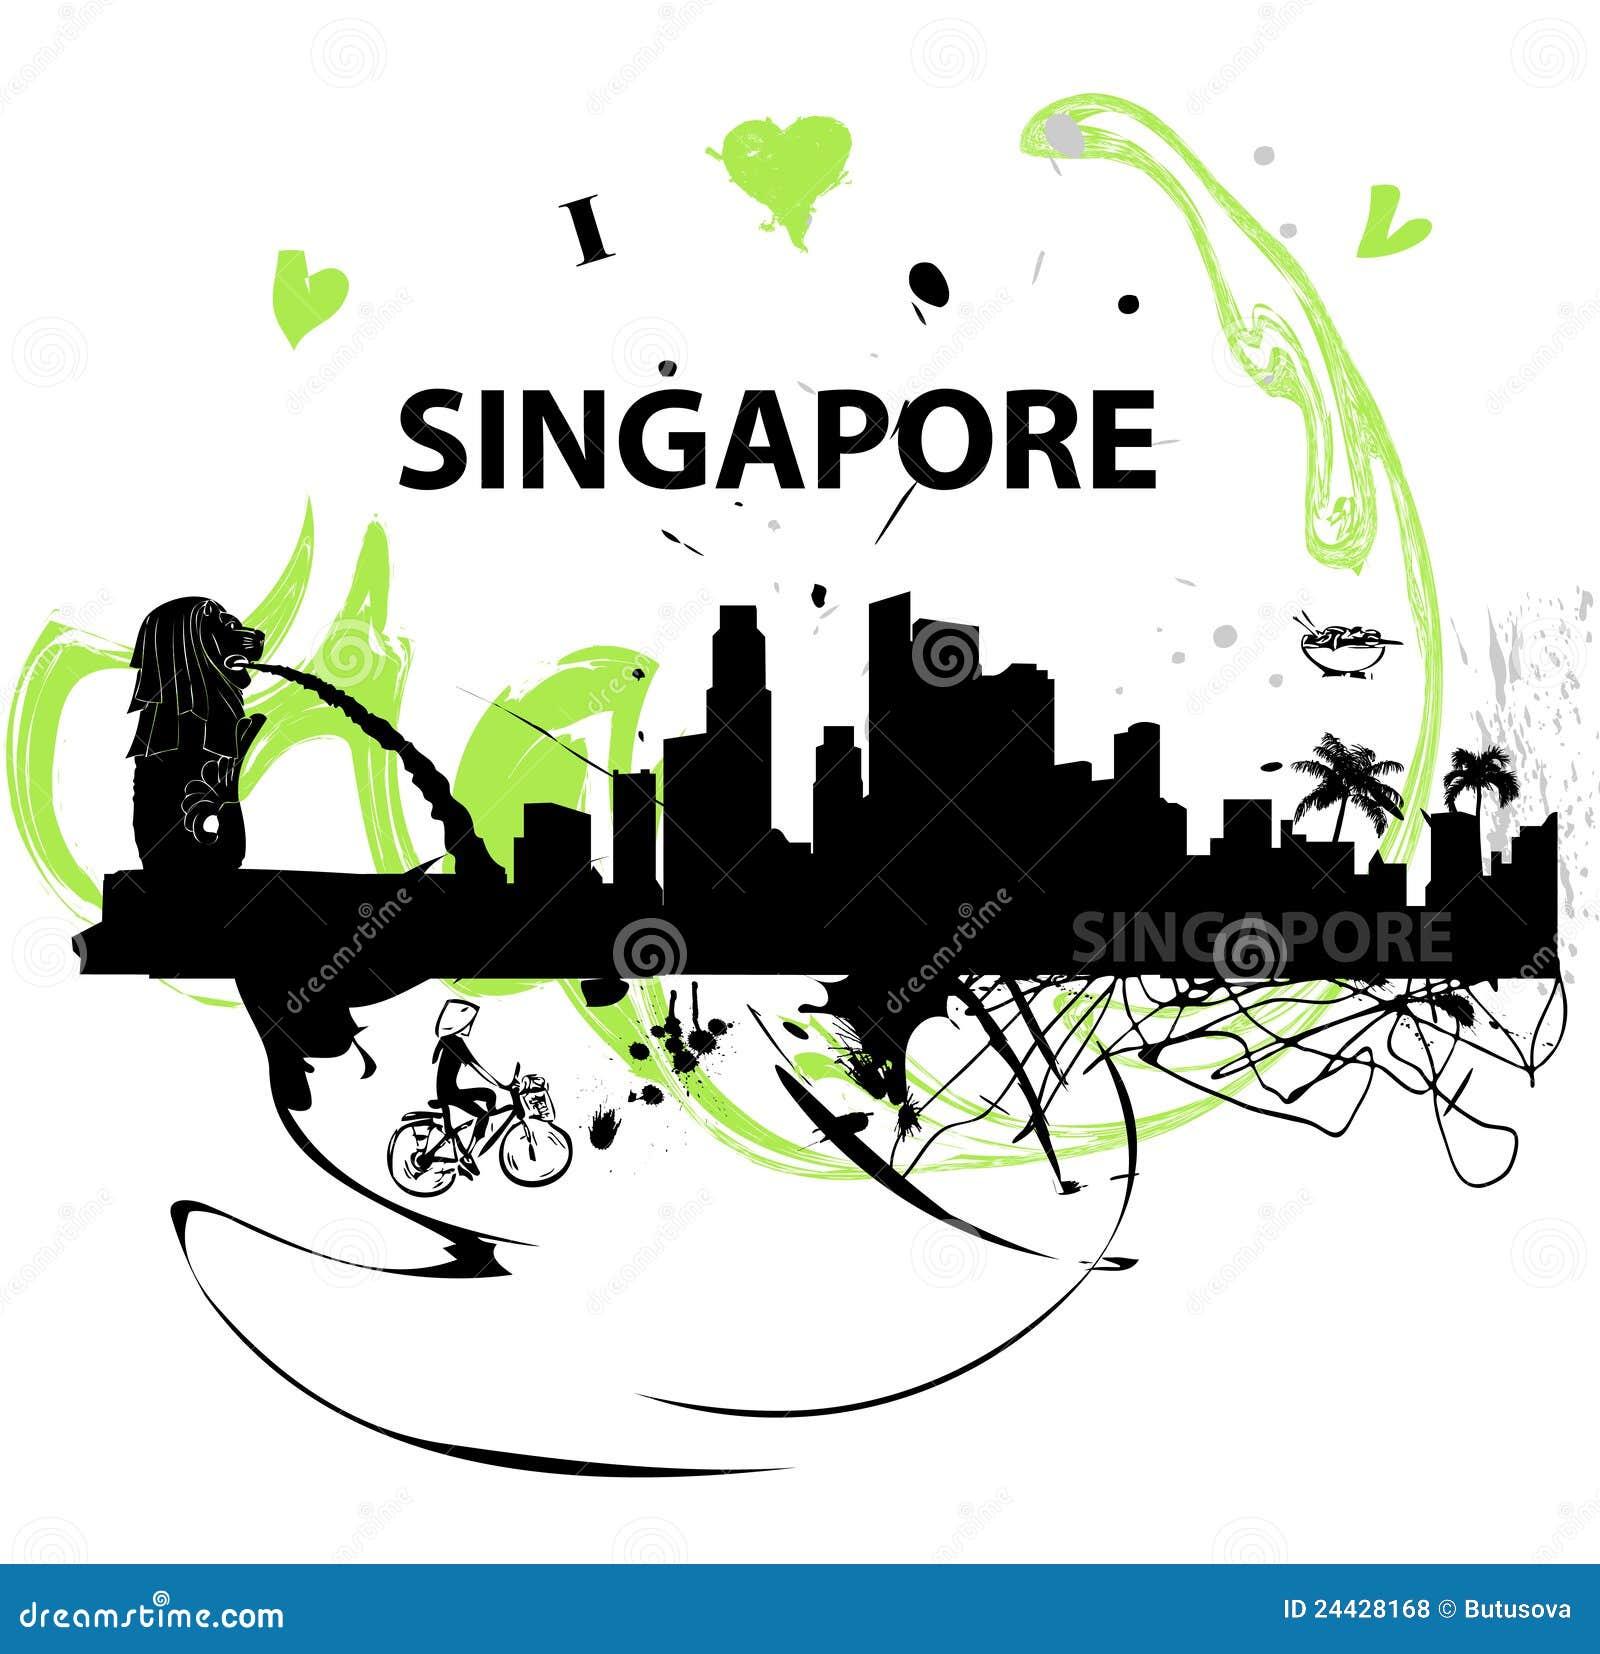 Eu amo o poster de Singapore